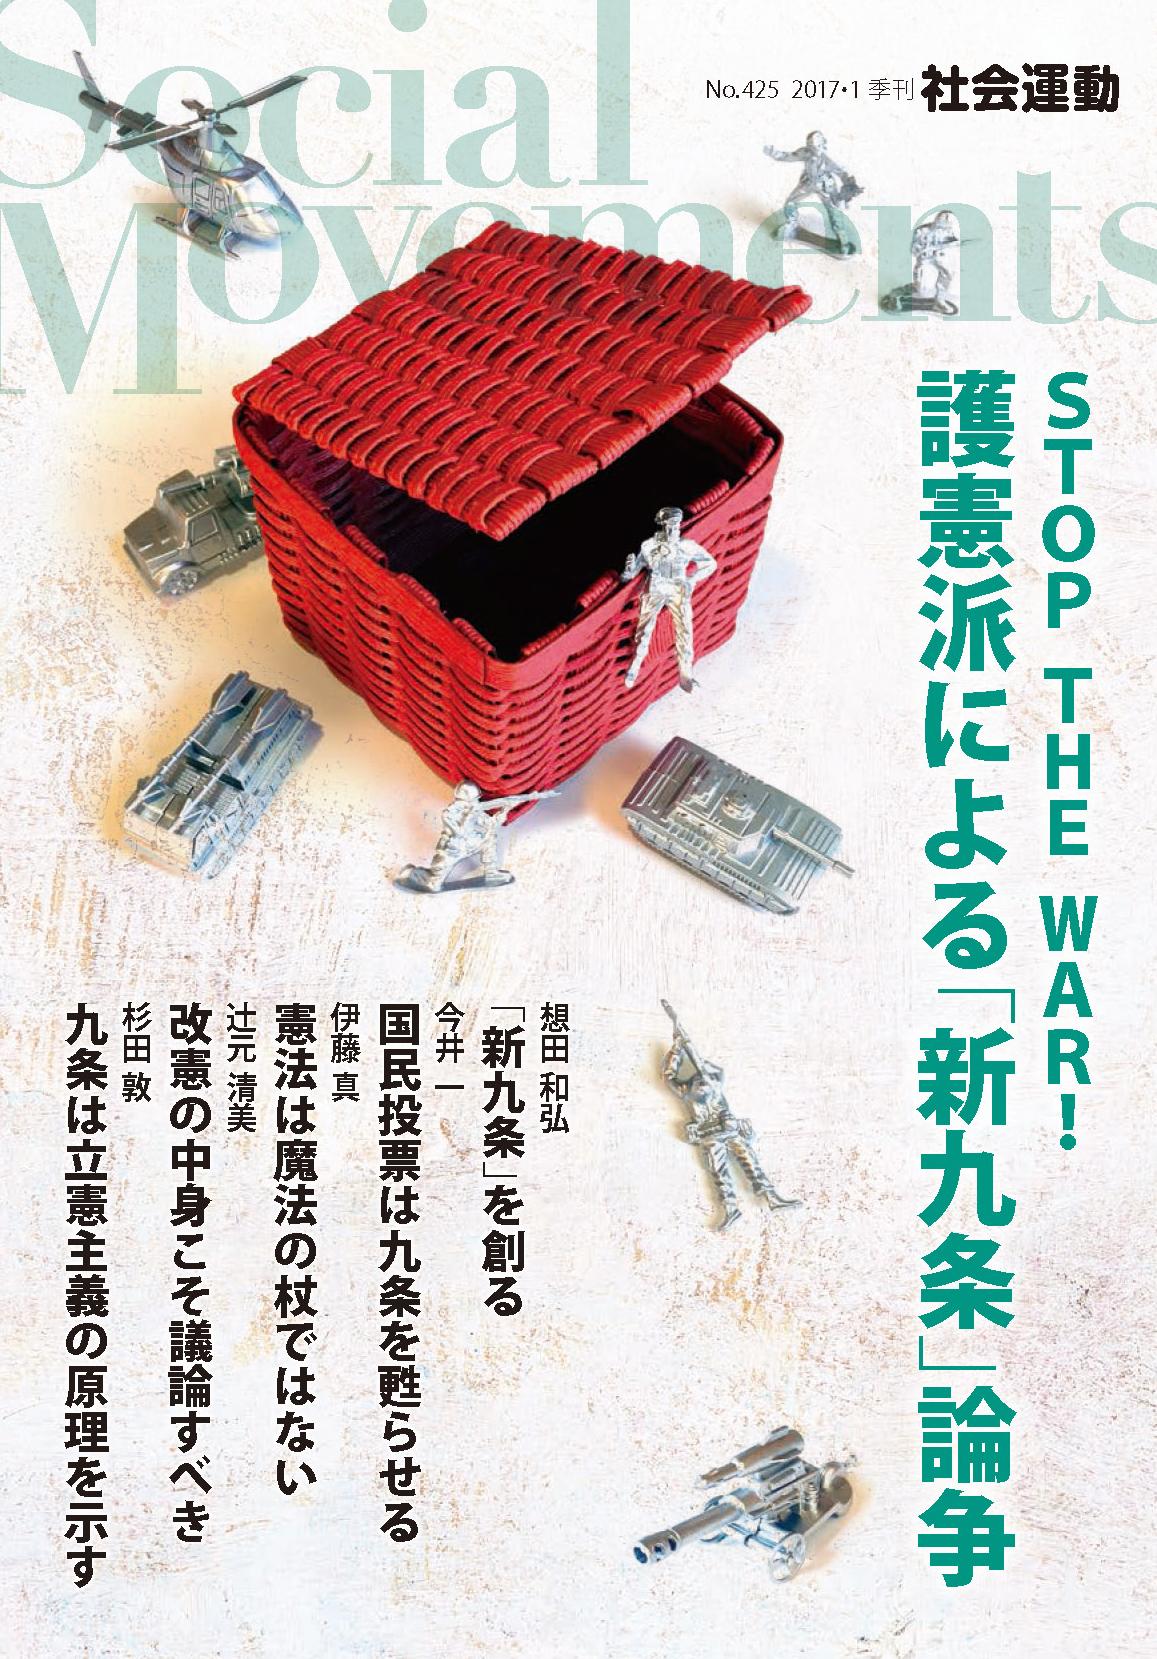 季刊『社会運動』2017年1月【425号】特集:STOP THE WAR! 護憲派による「新九条」論争